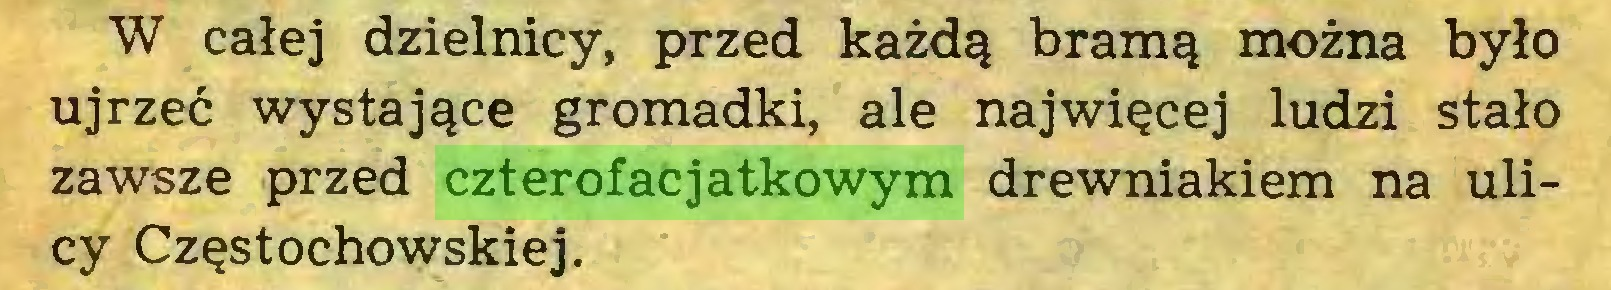 (...) W całej dzielnicy, przed każdą bramą można było ujrzeć wystające gromadki, ale najwięcej ludzi stało zawsze przed czterofacjatkowym drewniakiem na ulicy Częstochowskiej...